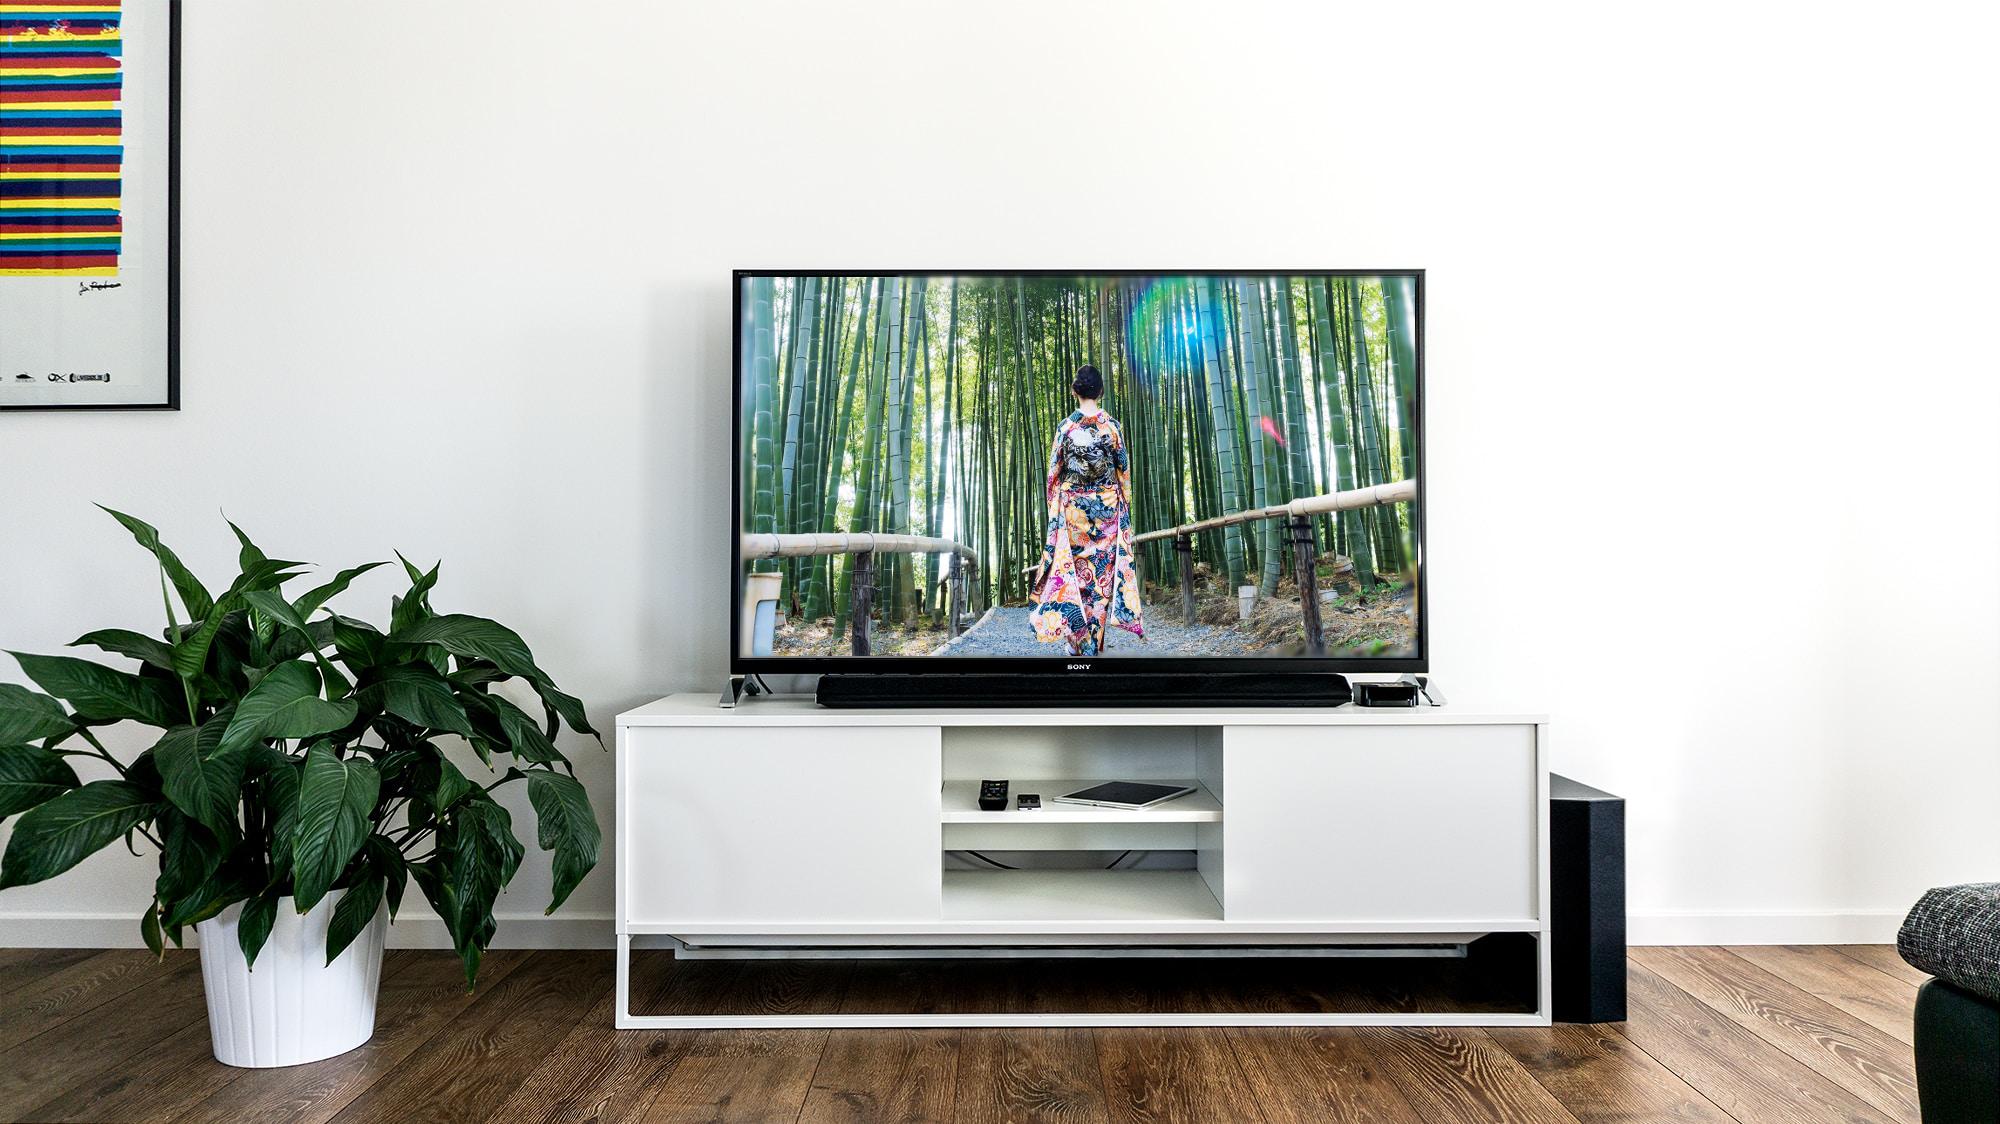 大きな薄型テレビに着物のCMが映っている画像